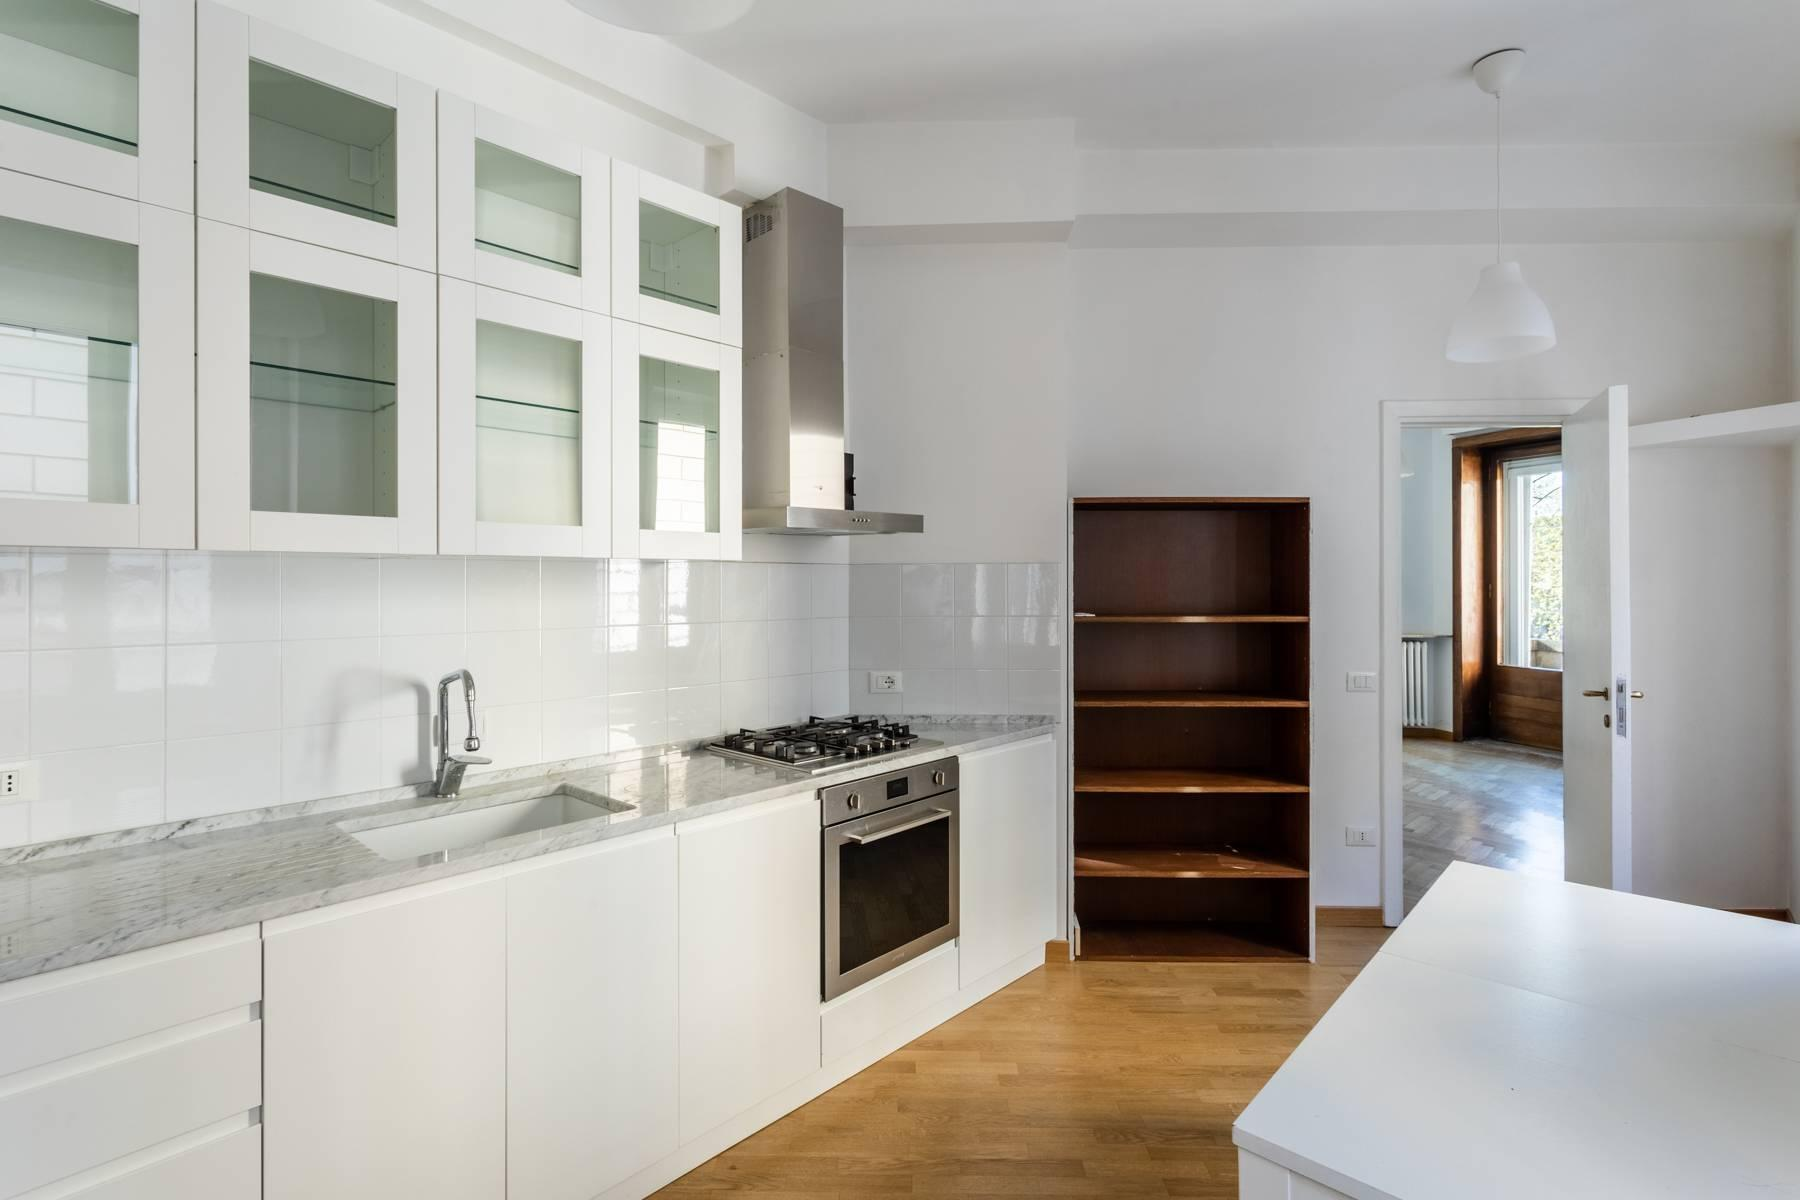 Luminoso appartamento affacciato sul Tevere nel Centro Storico - 2